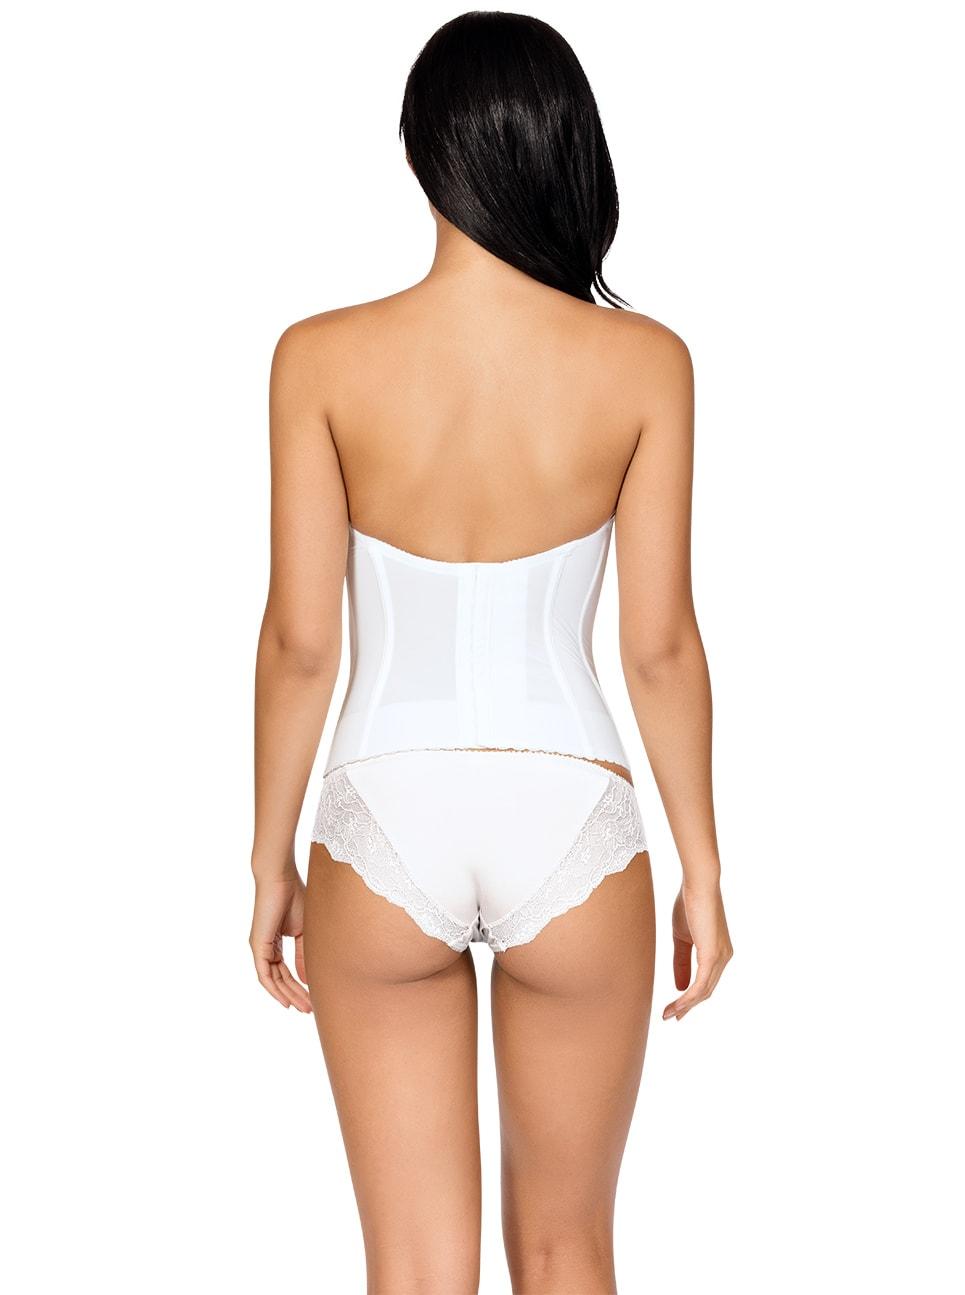 7d214c61f2c ... PARFAIT Elissa Low BackBustierP5017 BikiniP5013 PearlWhite Back copy - Elissa  Low-Back Bustier - Pearl ...